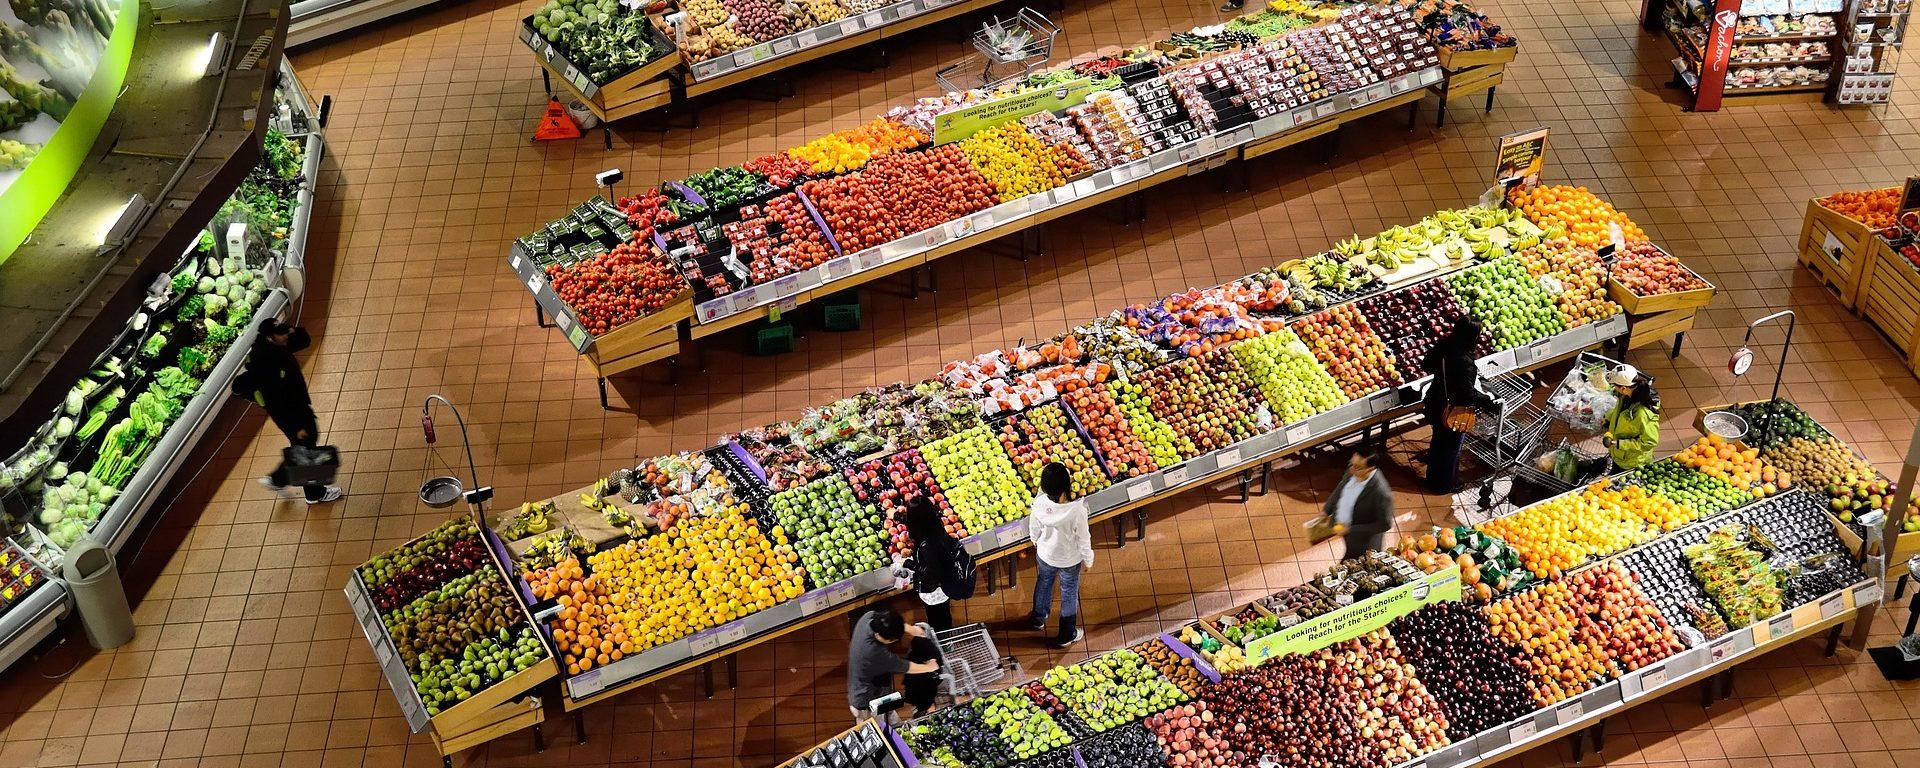 Limpieza de Supermercados